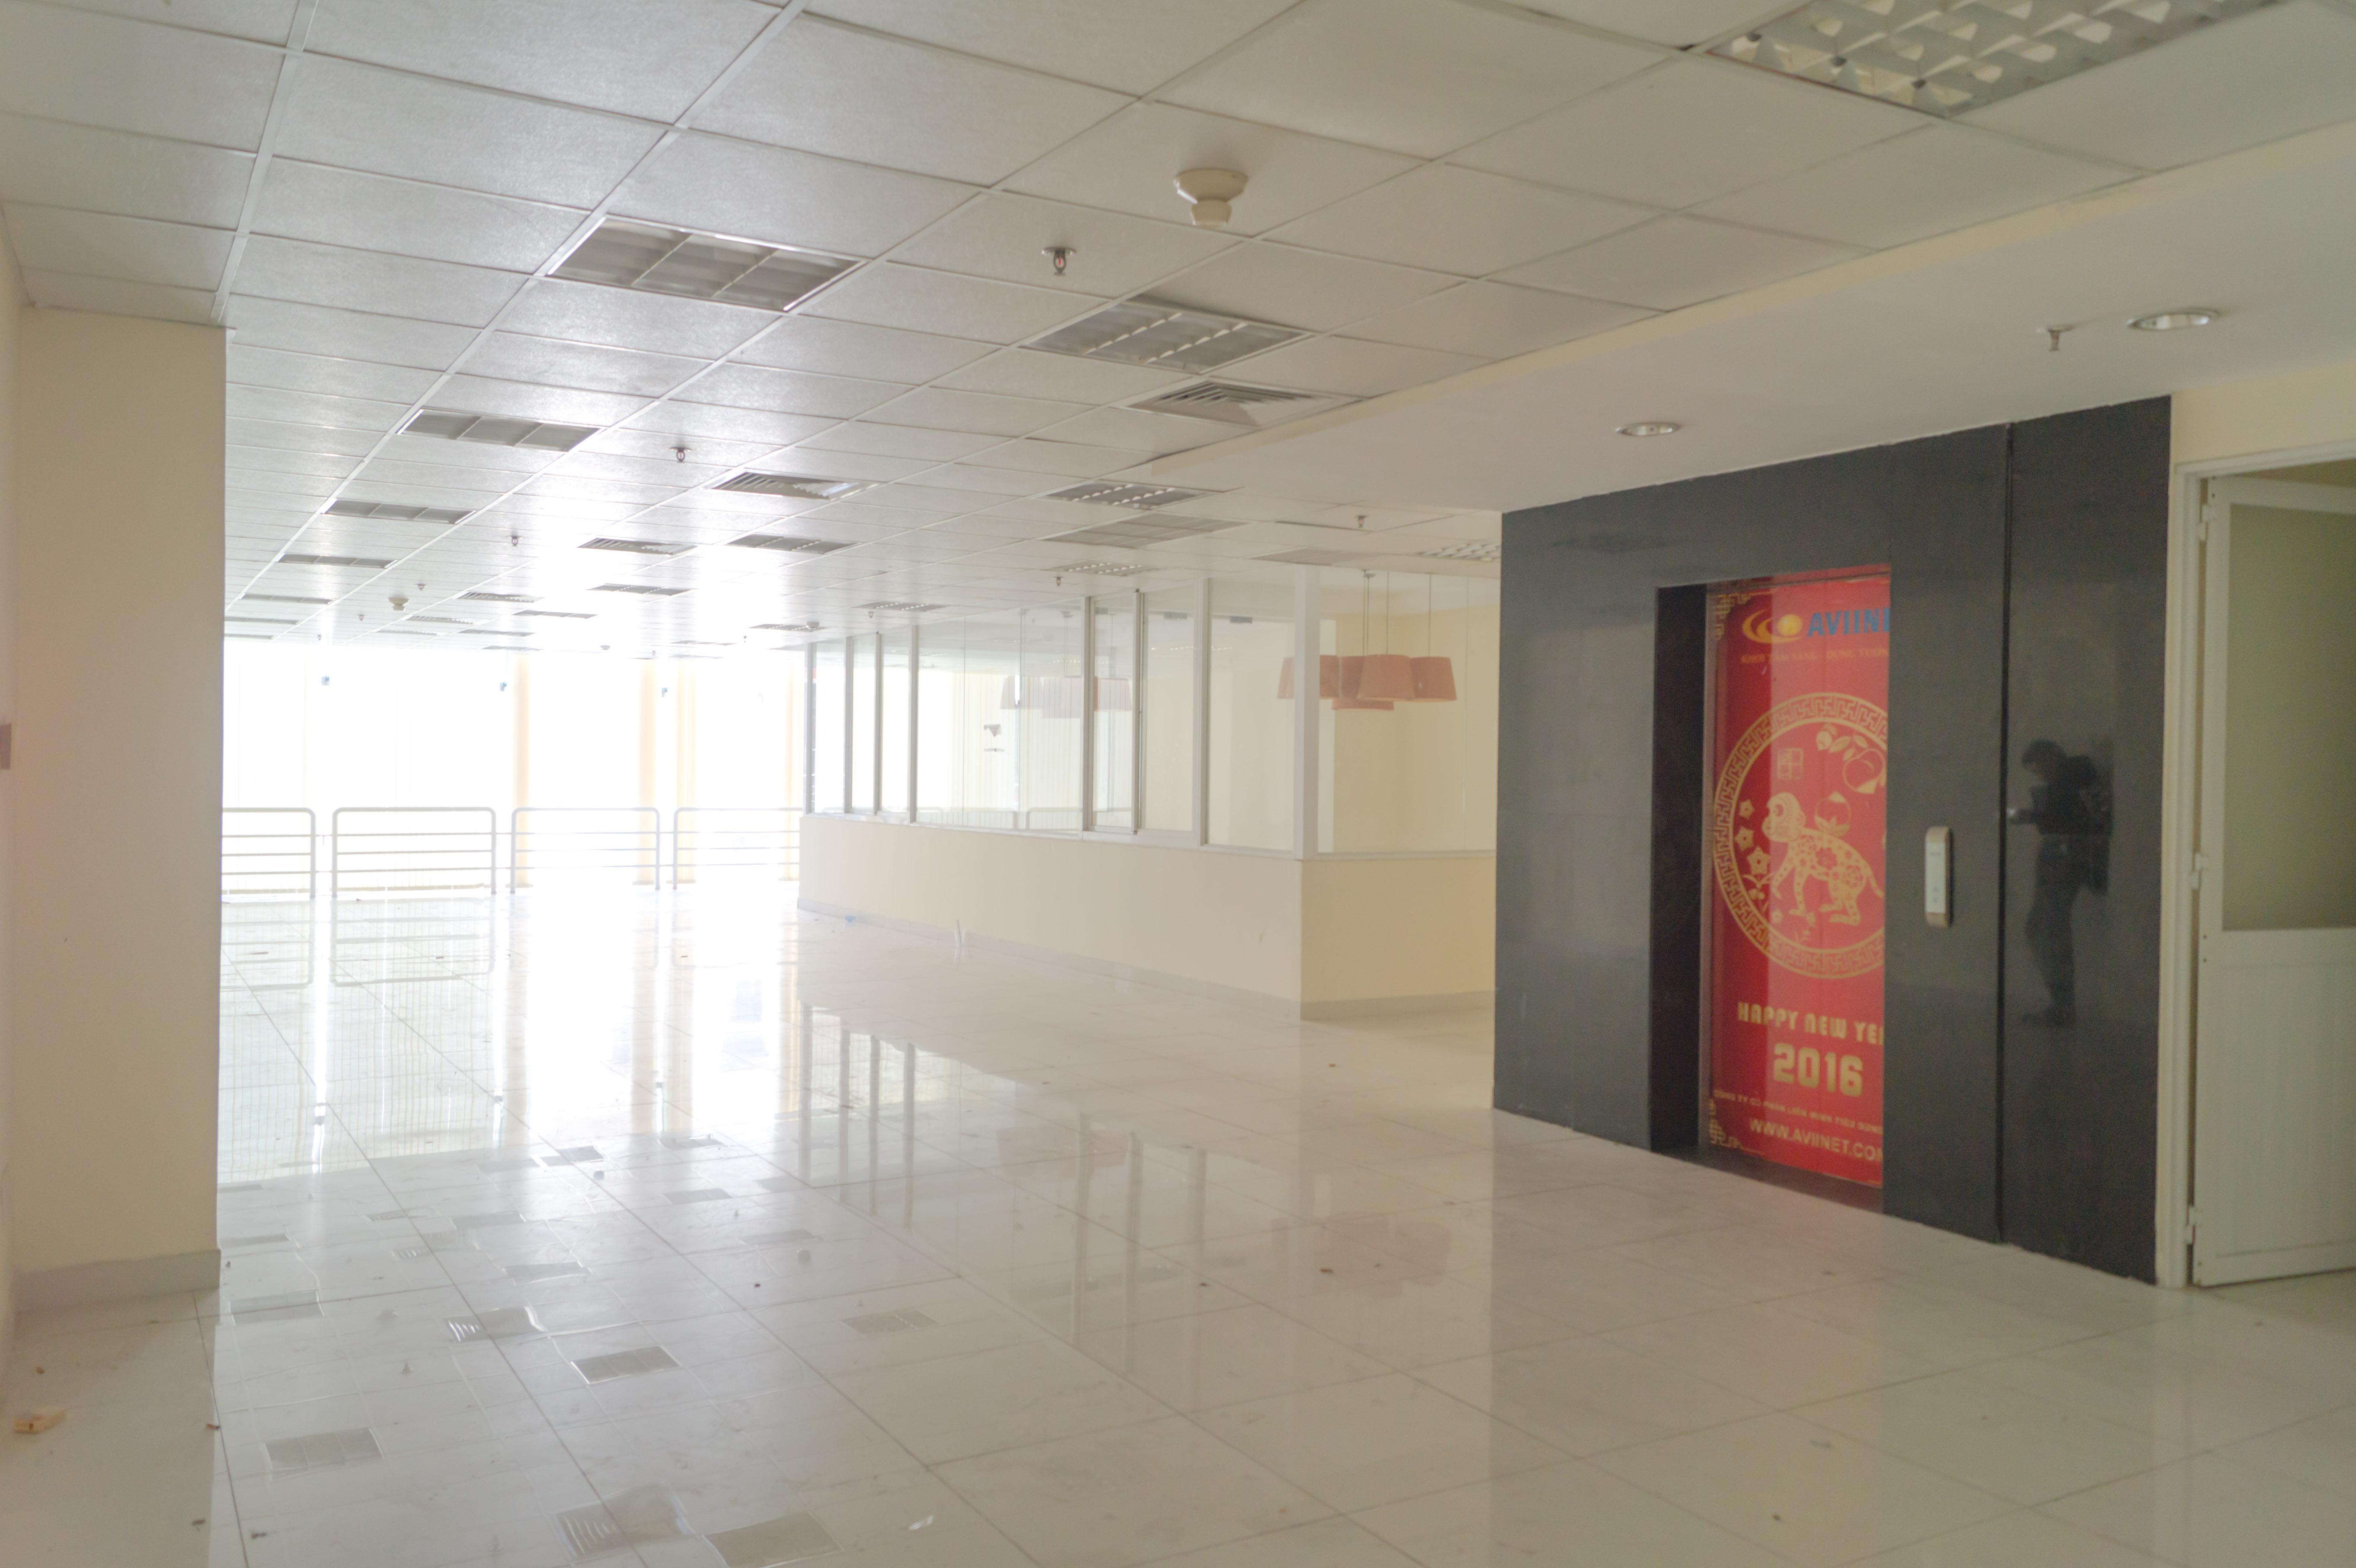 Cho thuê tòa nhà văn phòng mặt tiền đường Lê Quốc Hưng, Phường 12, Quận 4